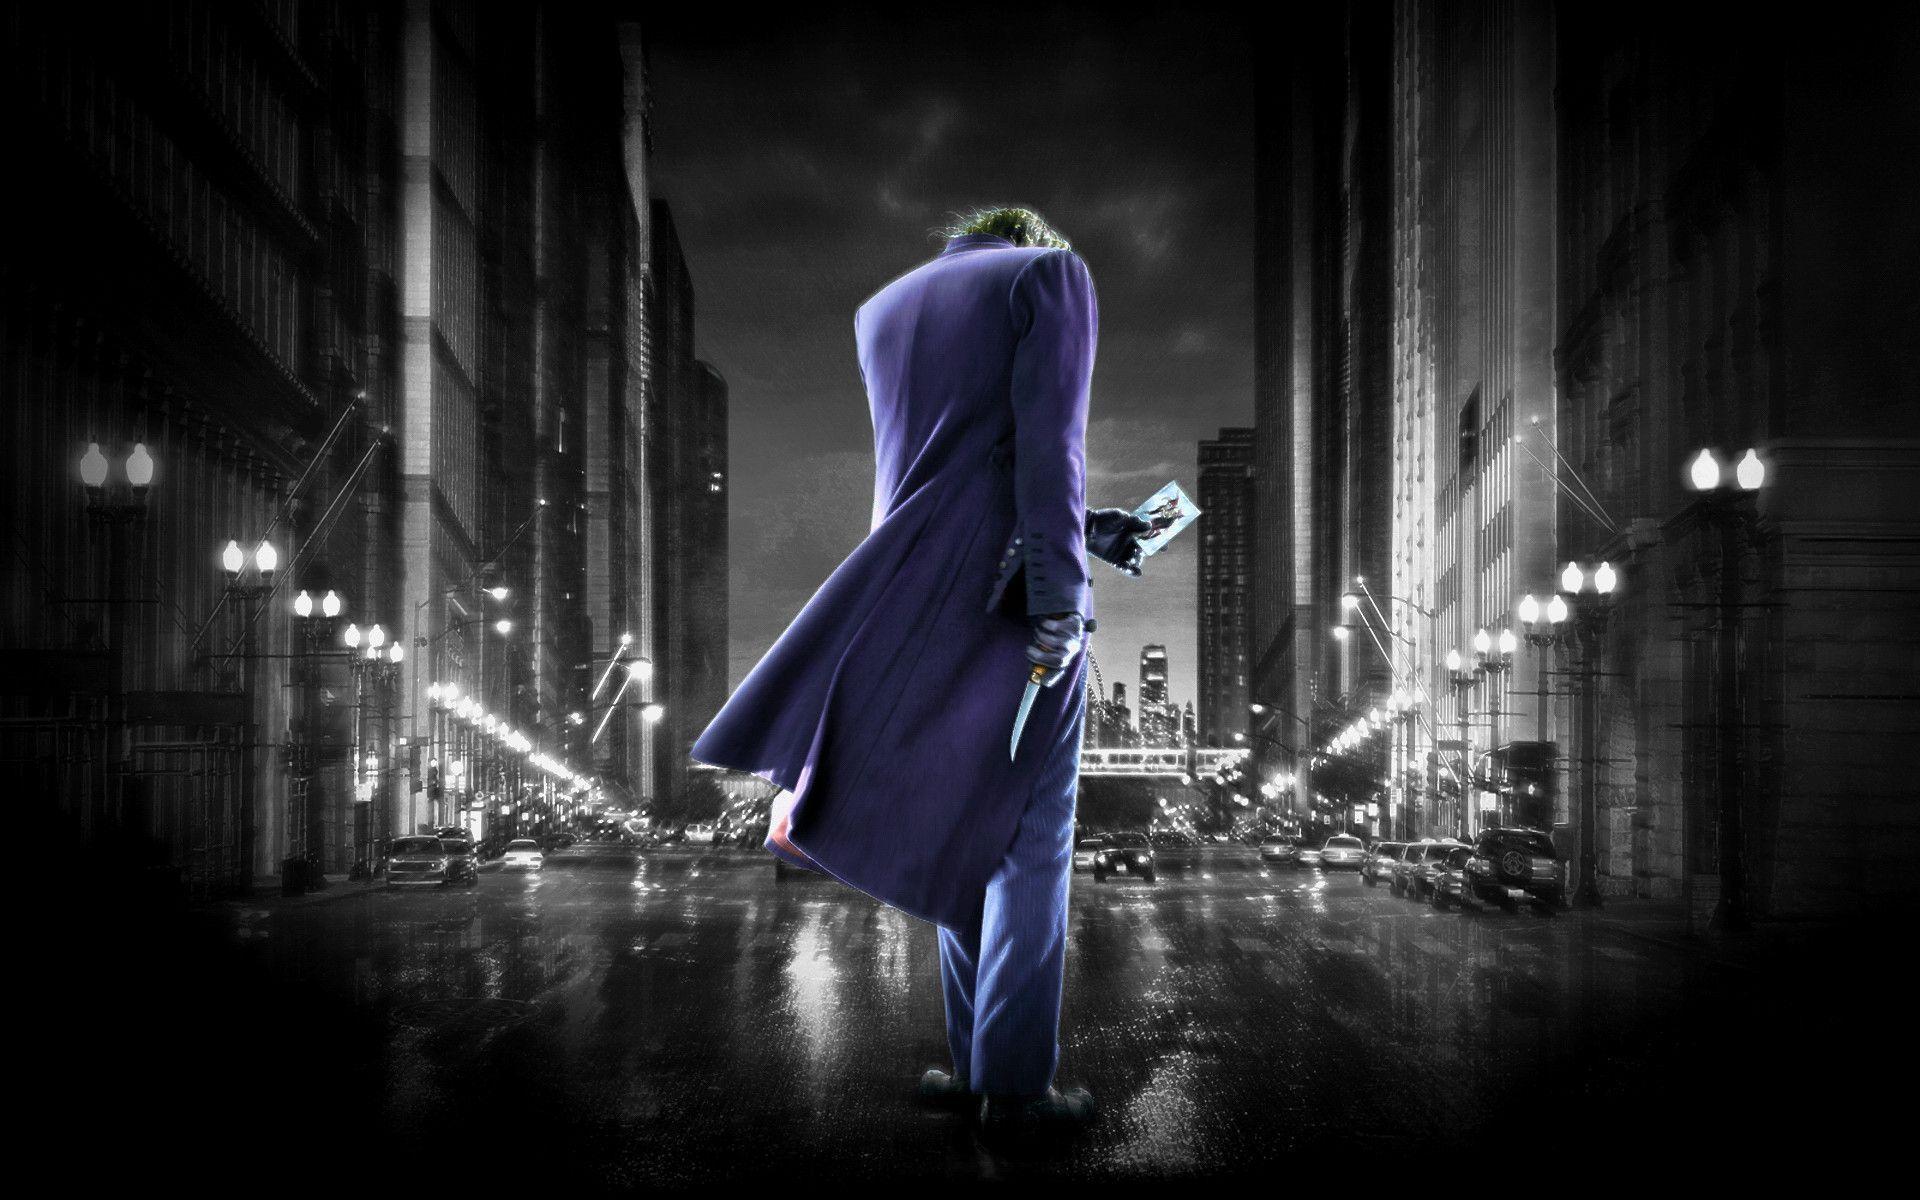 Hd wallpaper joker - Most Downloaded Joker Wallpapers Full Hd Wallpaper Search